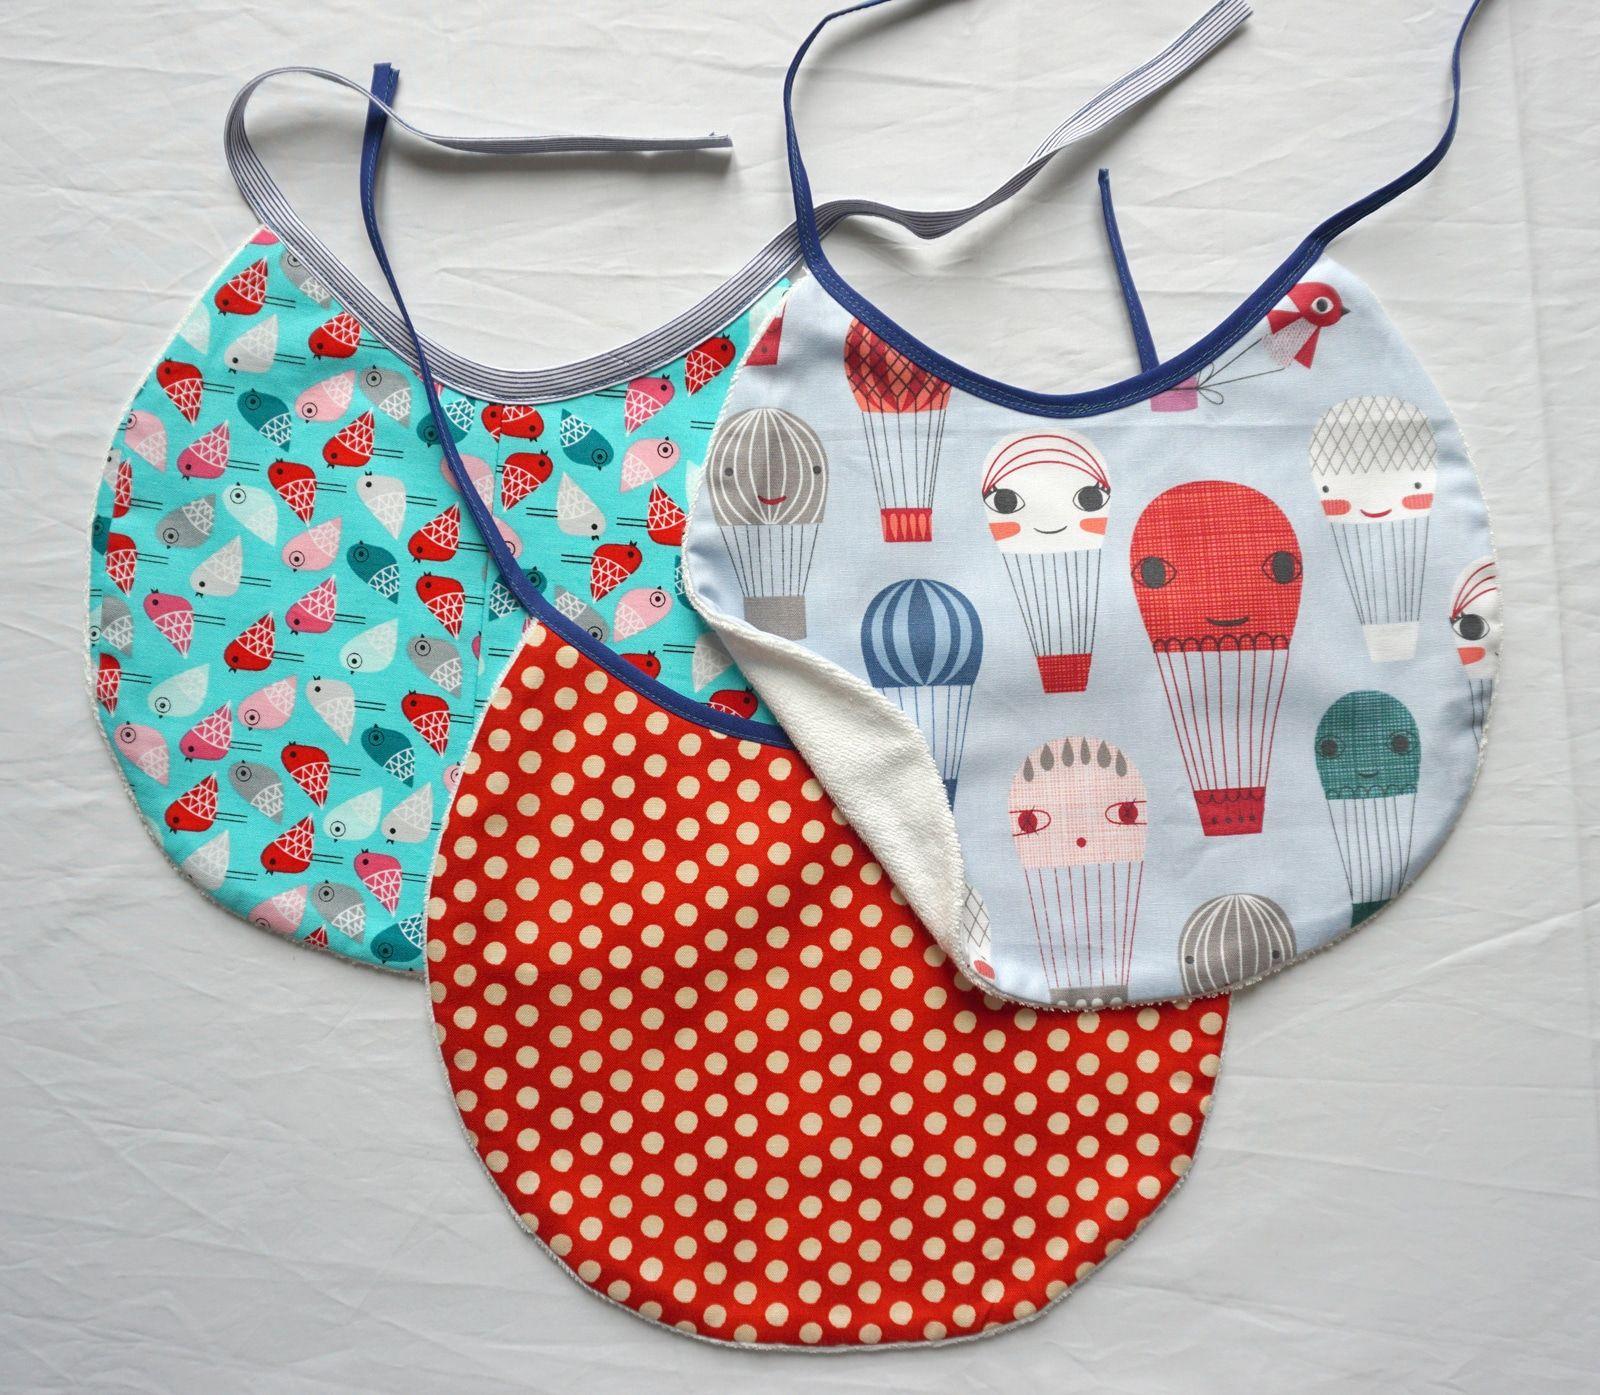 Bavoirs – Bebes – Tissus imprimes et coton bouclette – Accessoires enfants – 2